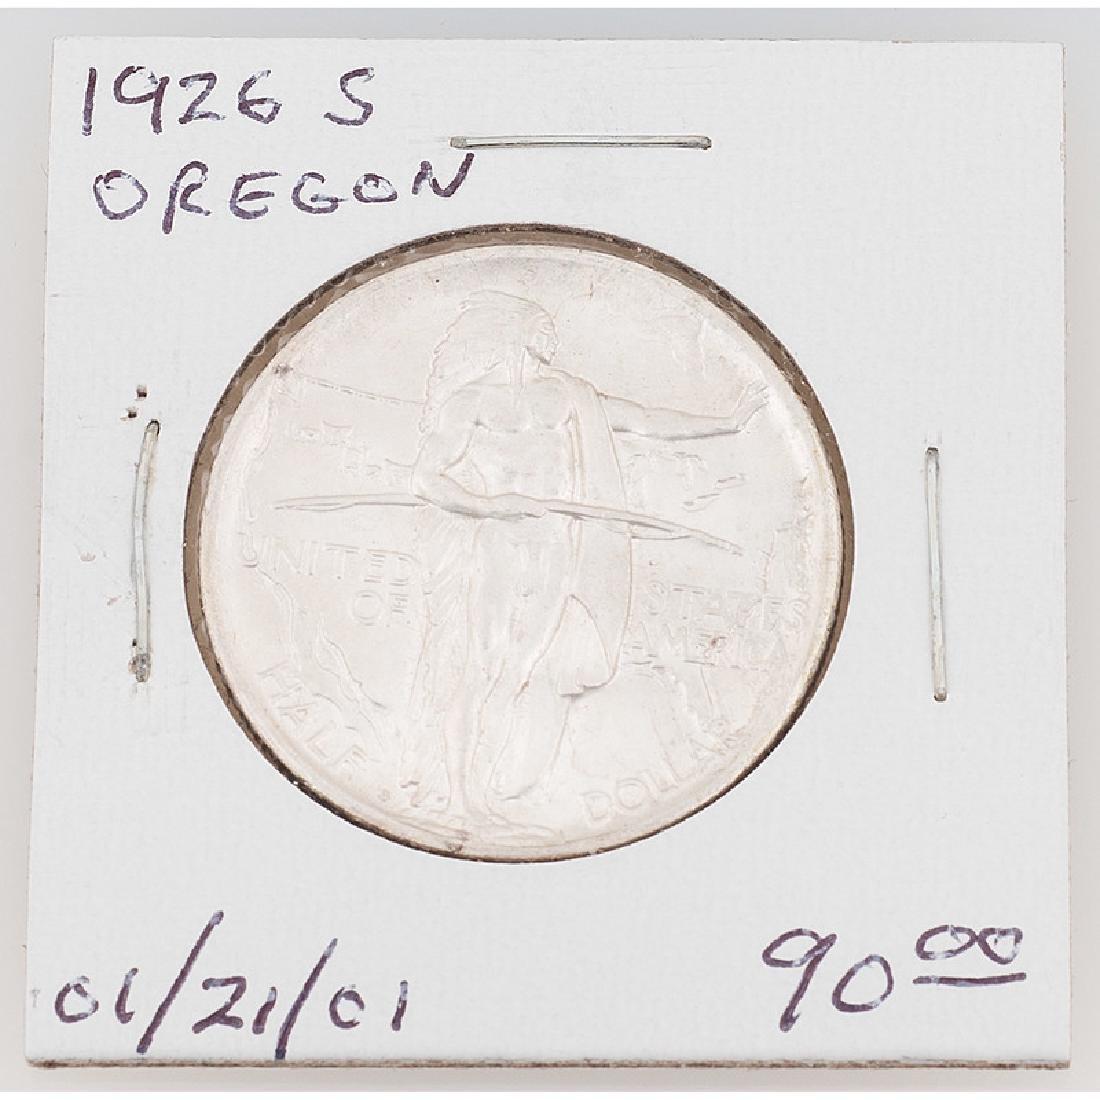 United States Oregon Trail Memorial Commemorative Half